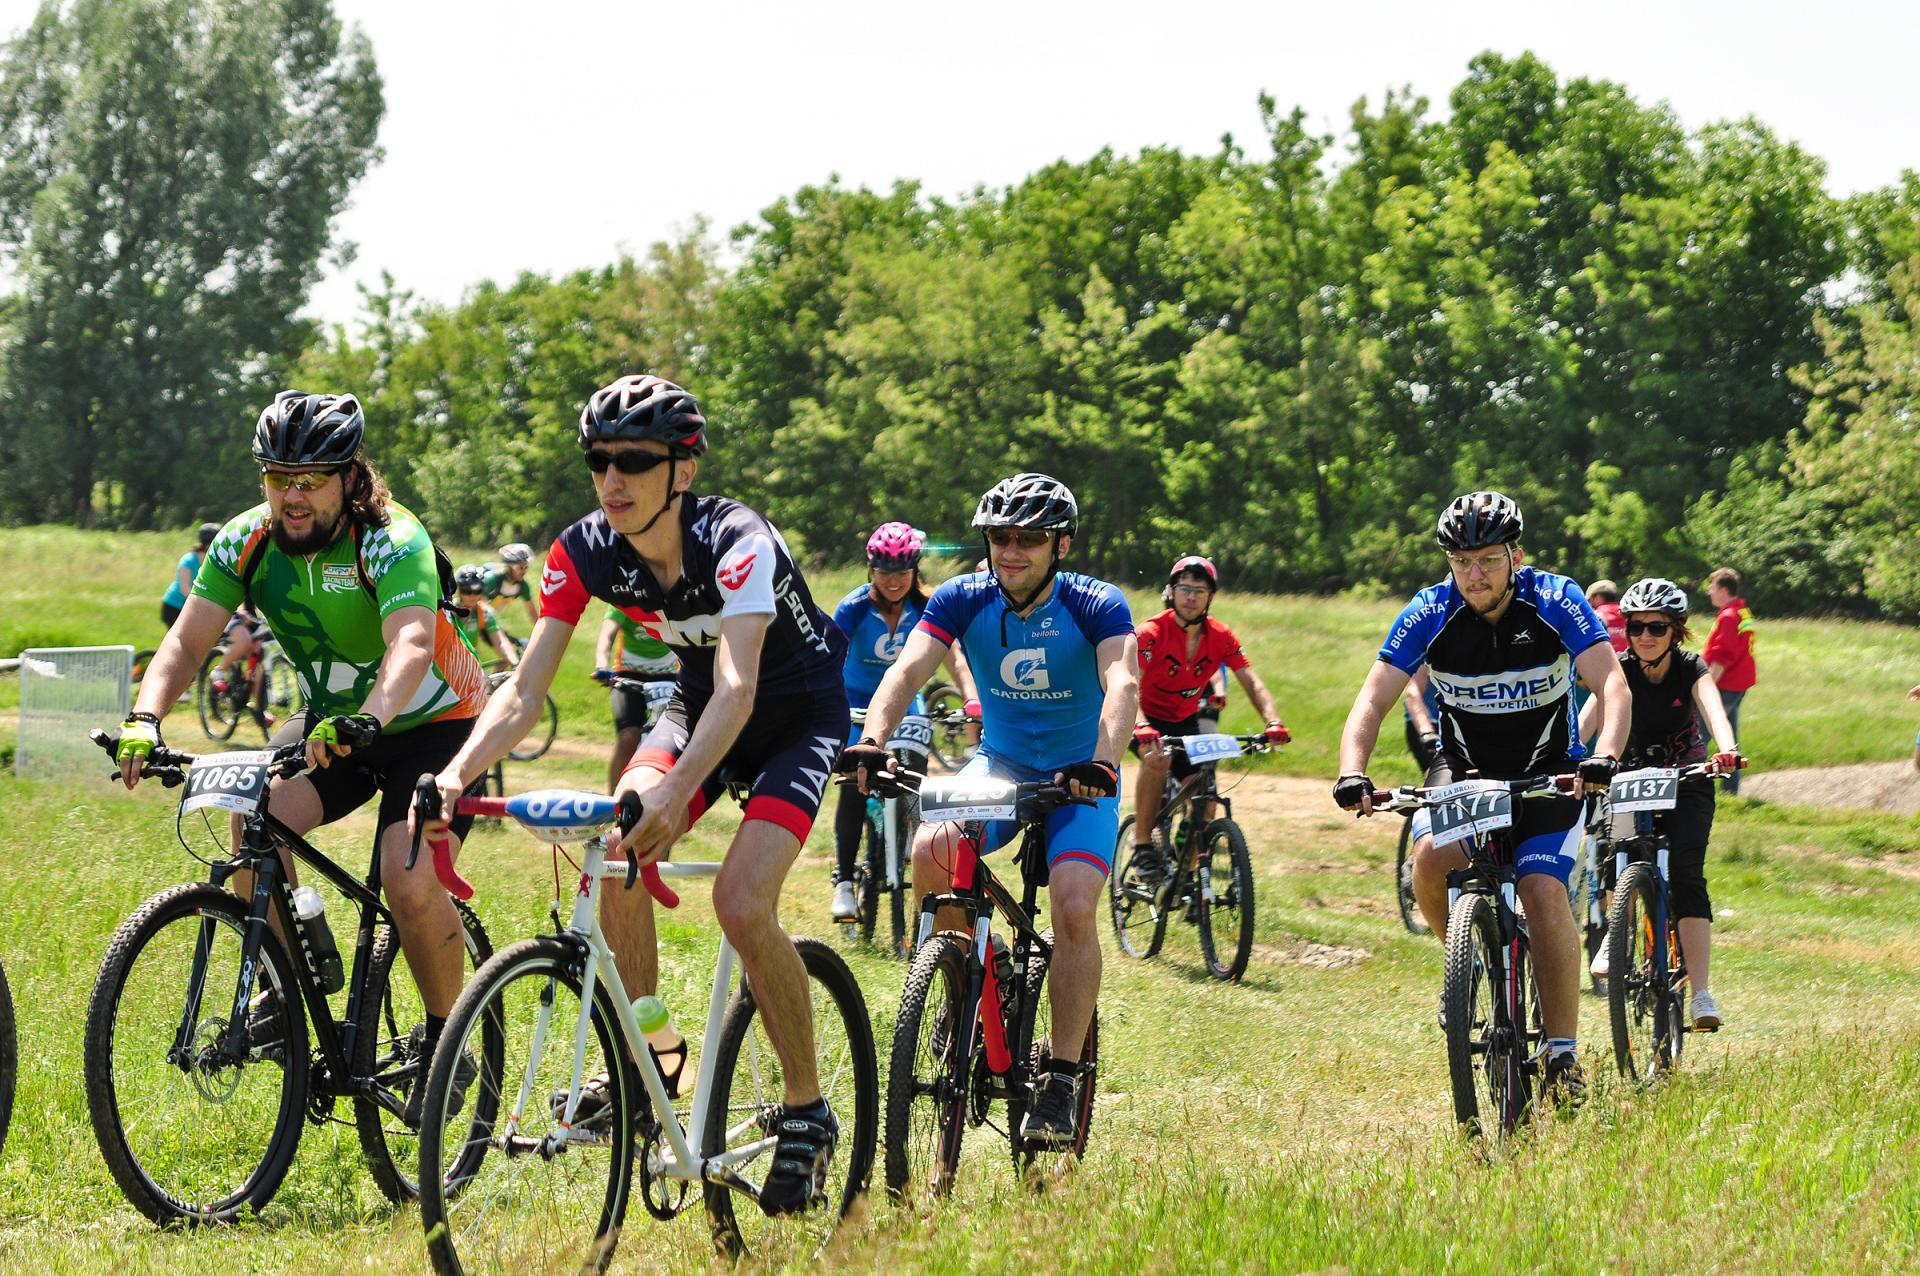 Peste 1.000 de cicliști așteptați la aventura verde… La Broaște